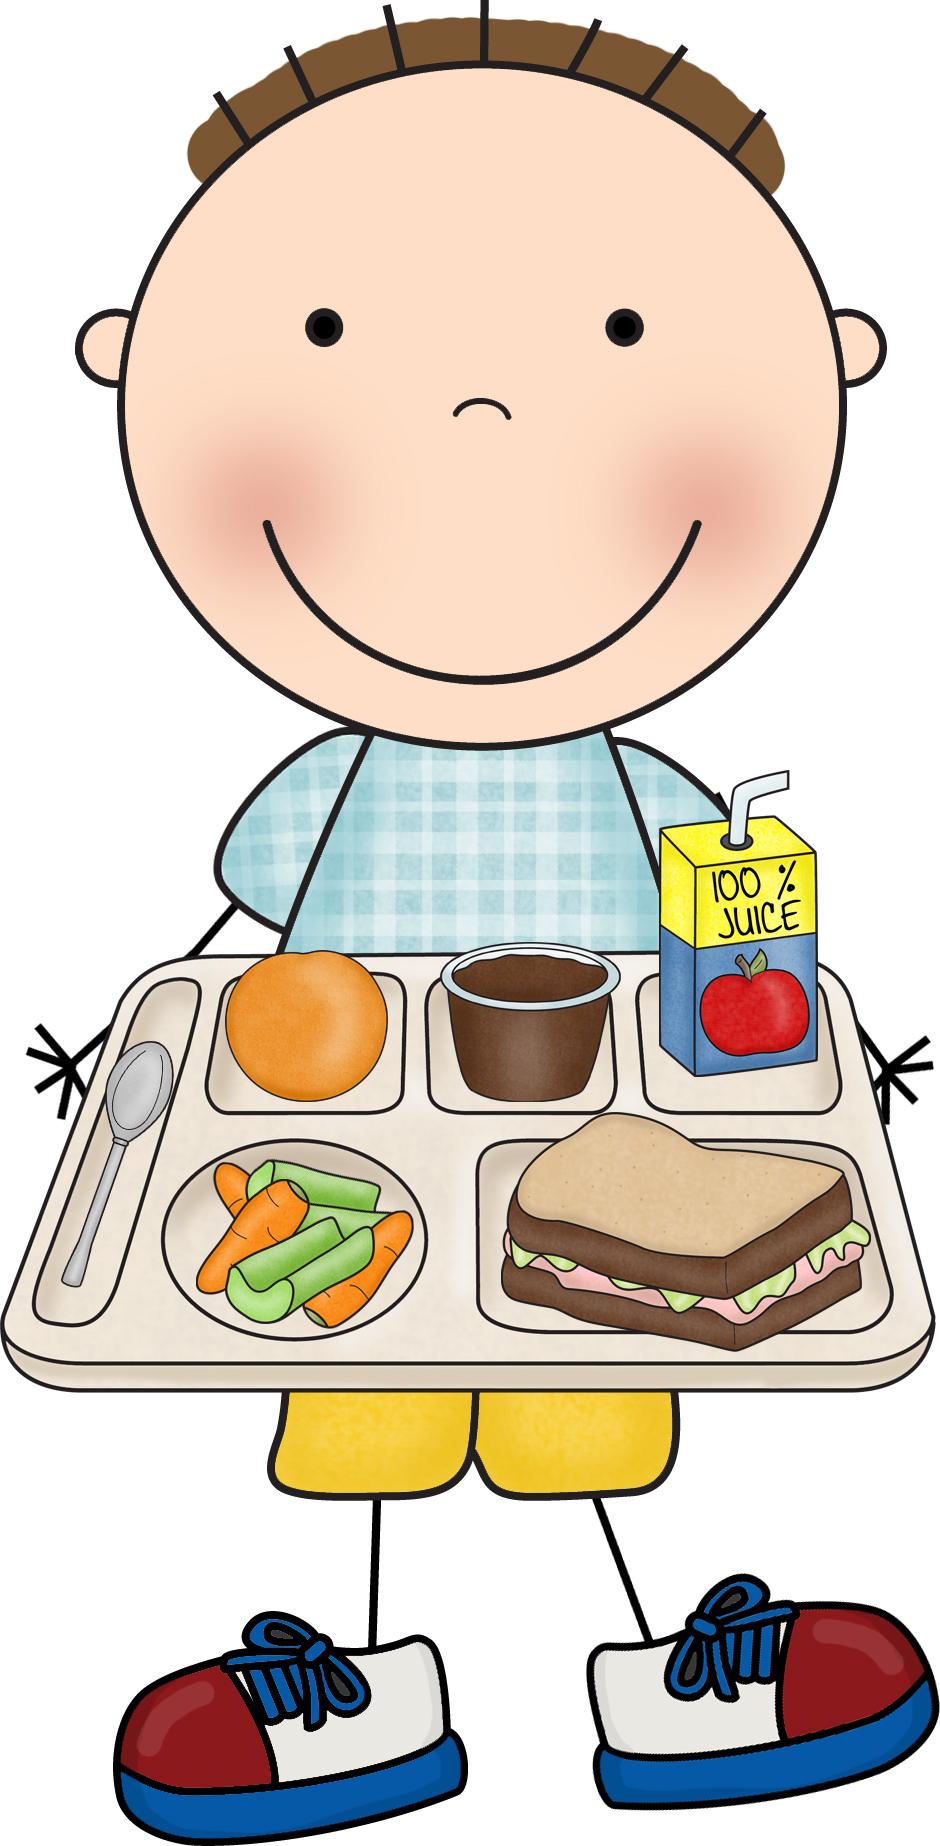 Lunch kindergarten clipart vector library stock Lunch kindergarten clipart - ClipartFest vector library stock